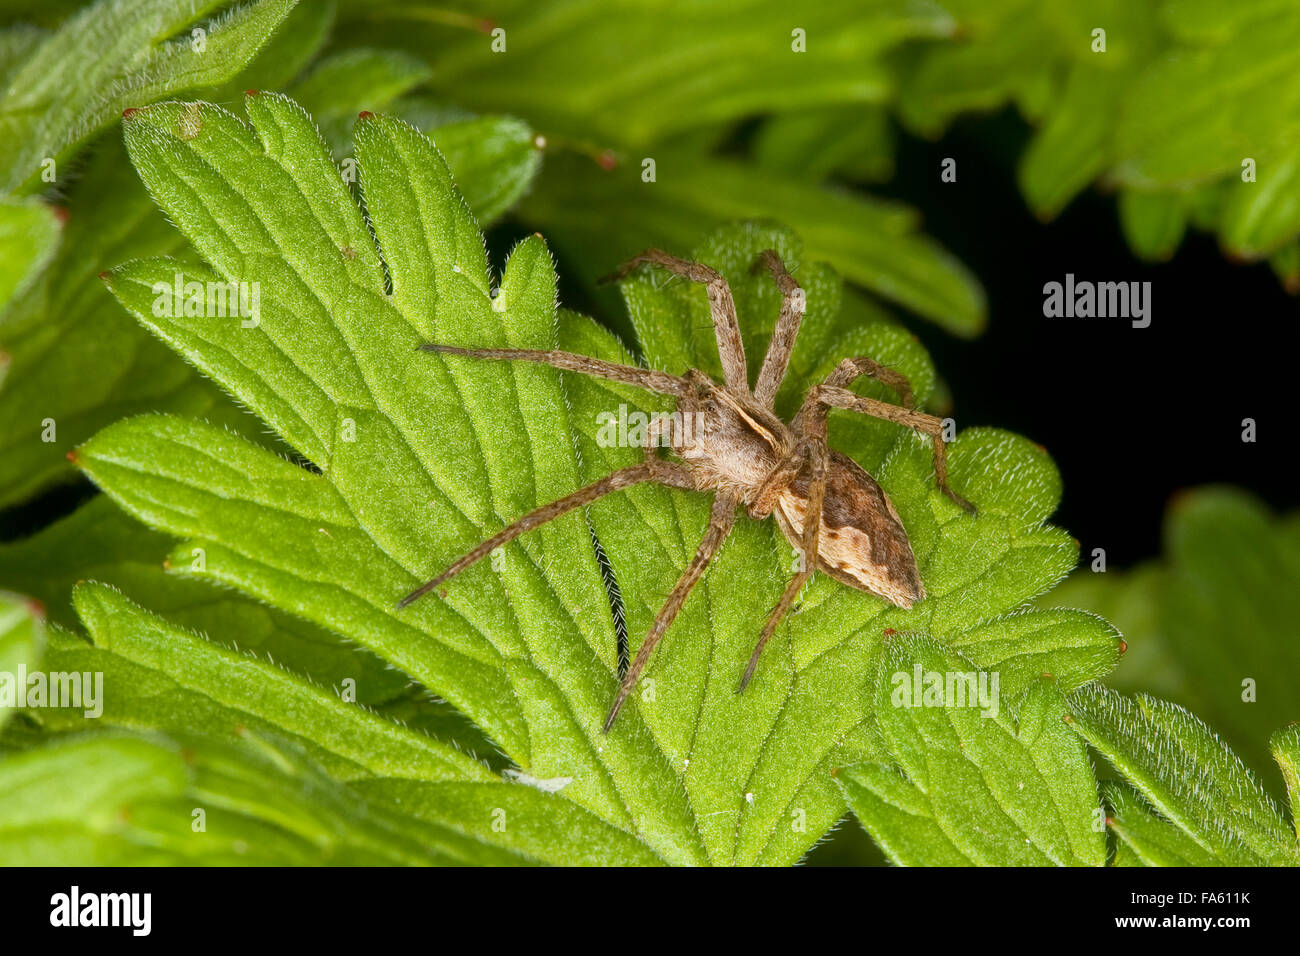 Pêche fantastique Spider, Spider web, pépinière, Listspinne List-Spinne Raubspinne Brautgeschenkspinne, Photo Stock